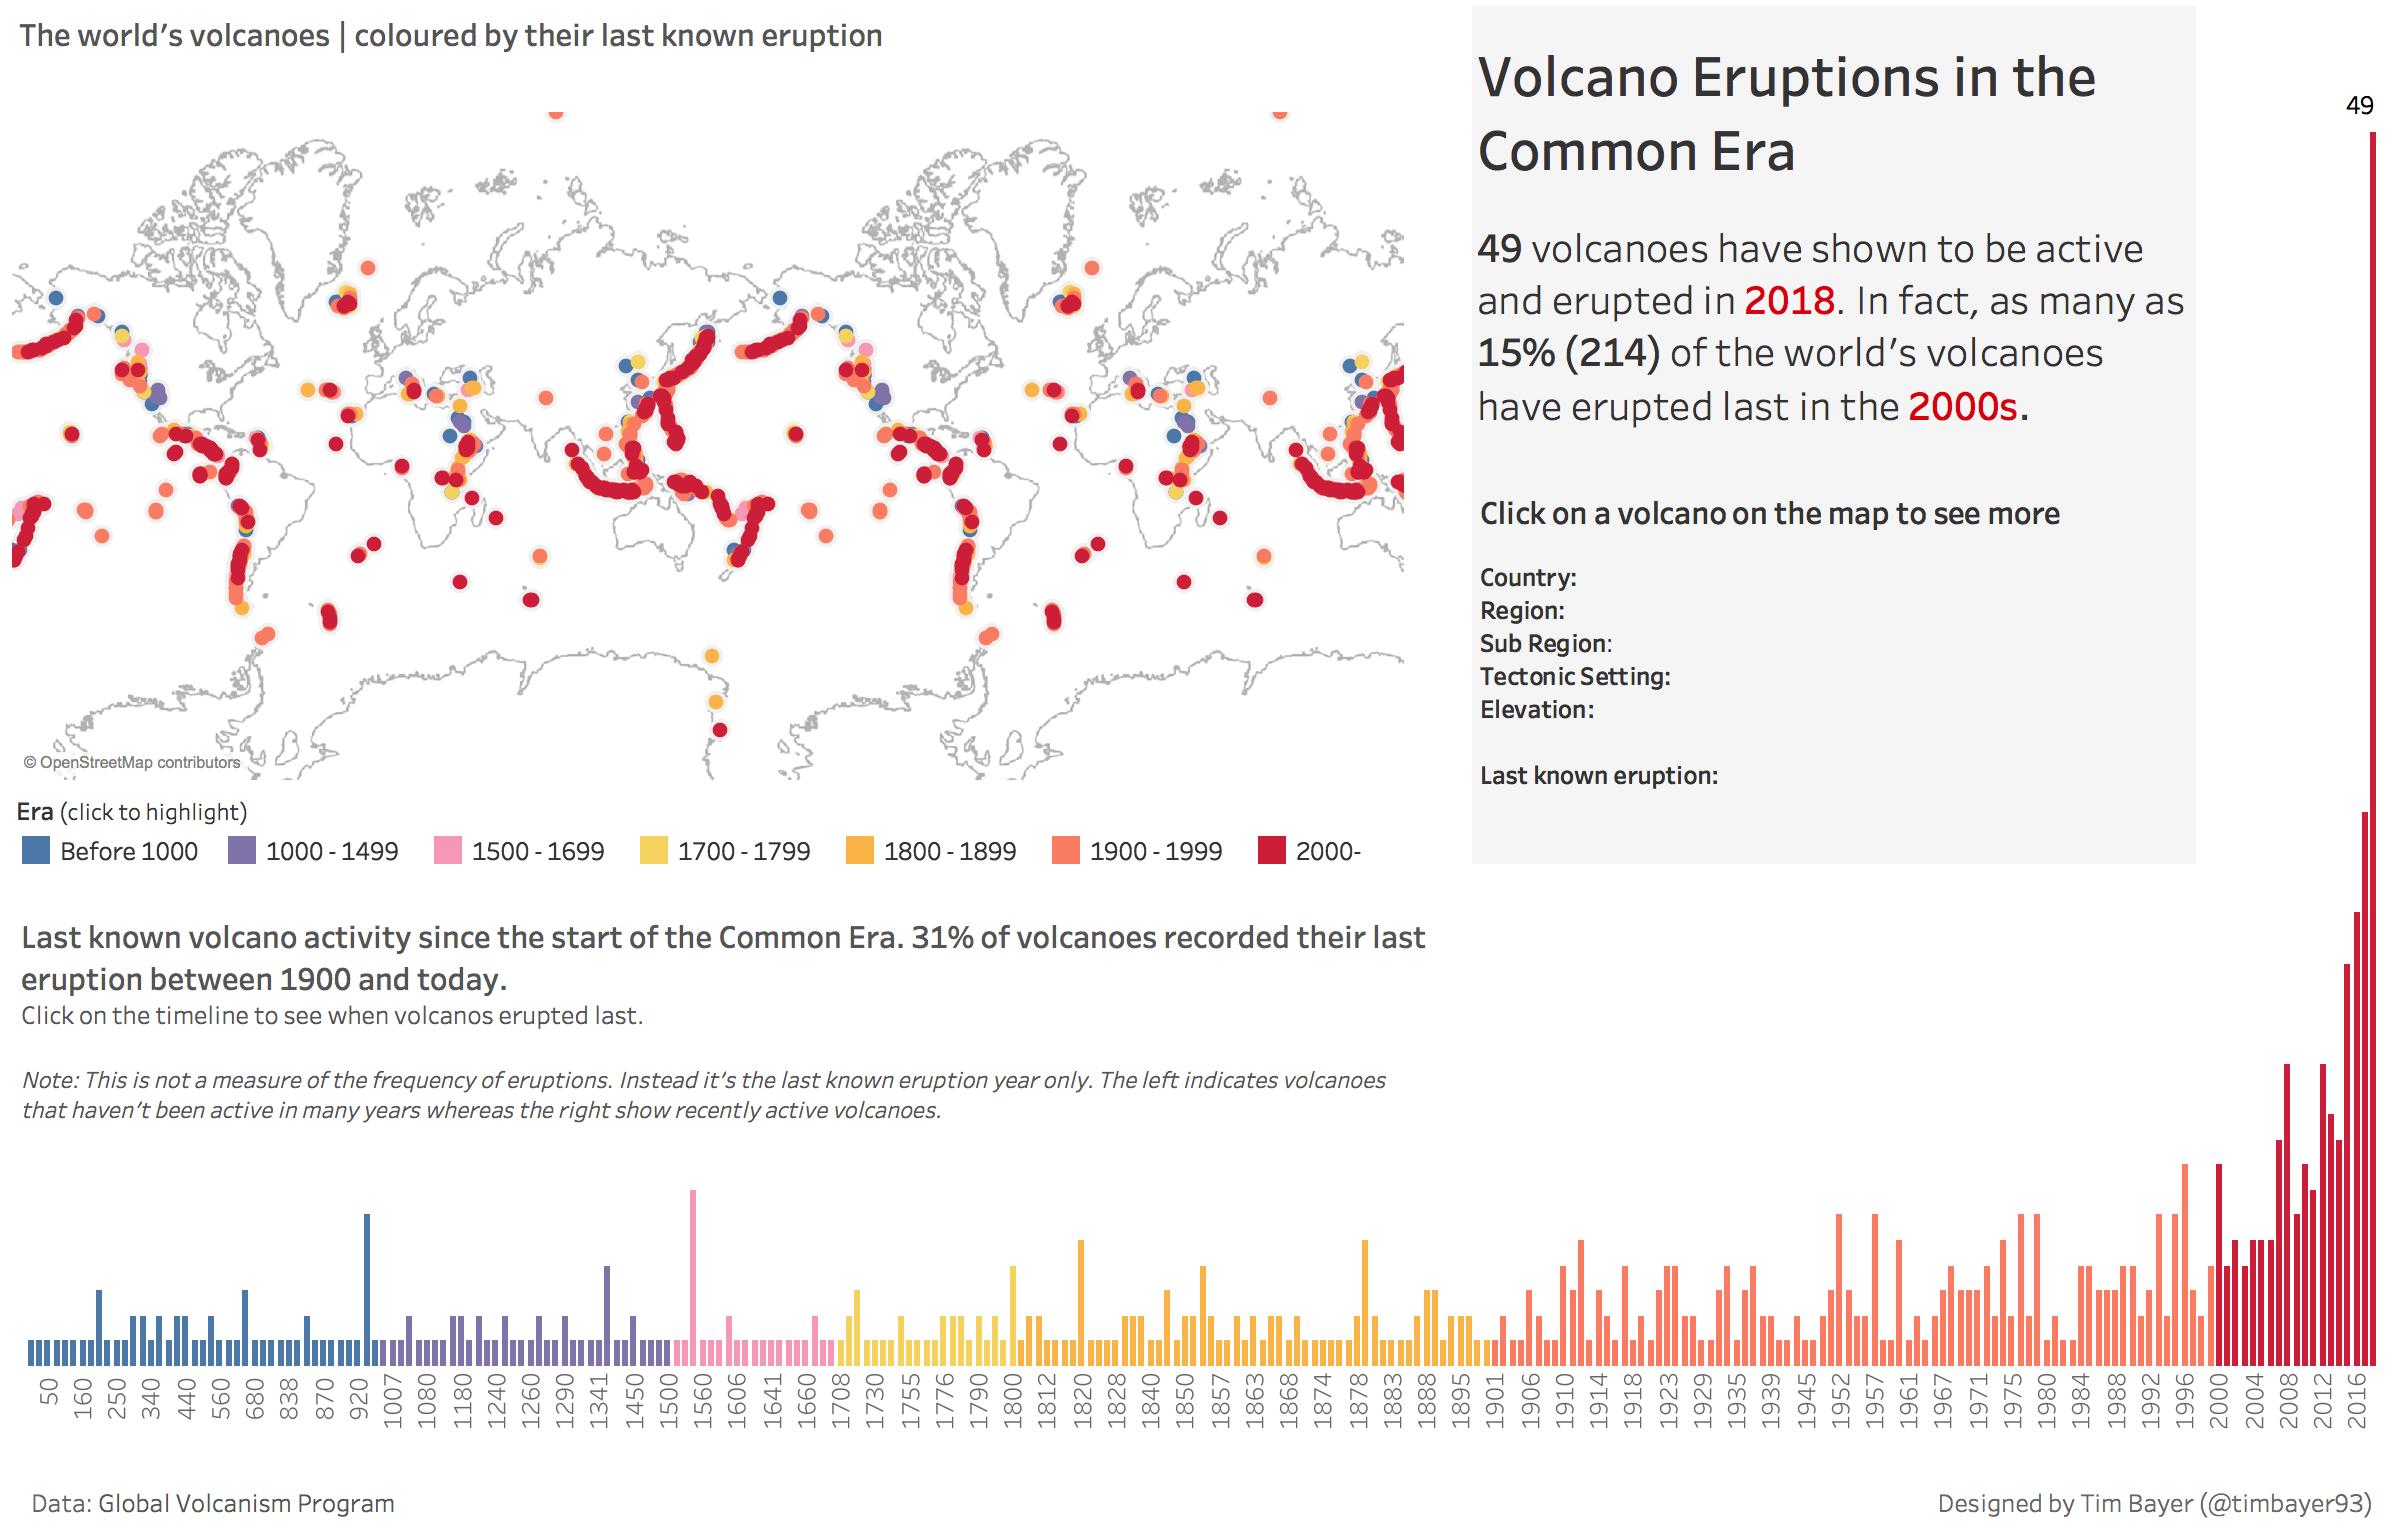 Week 28 Volcano Eruptions